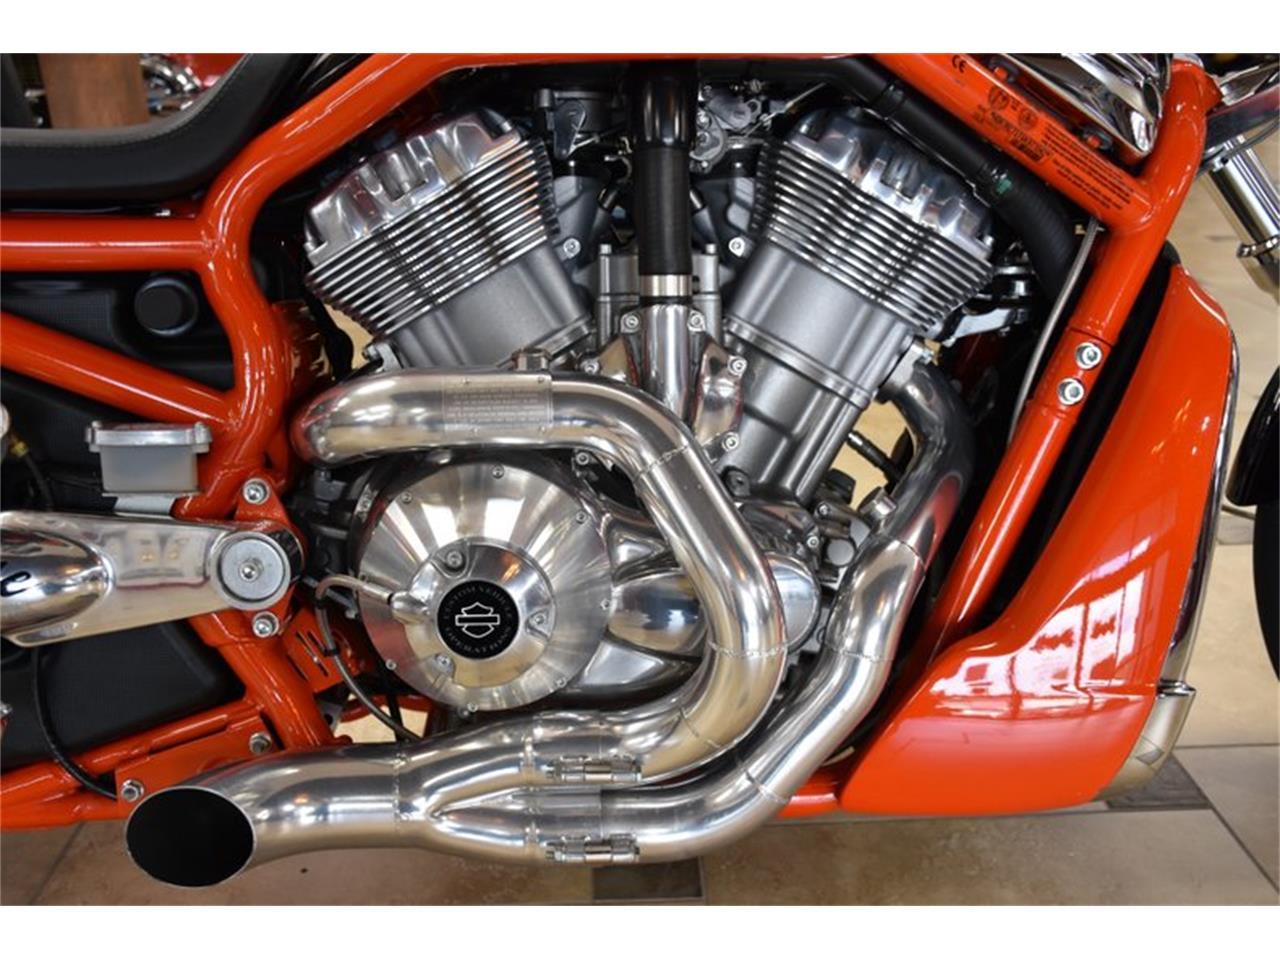 2006 Harley-Davidson VRXSE (CC-1343940) for sale in Venice, Florida